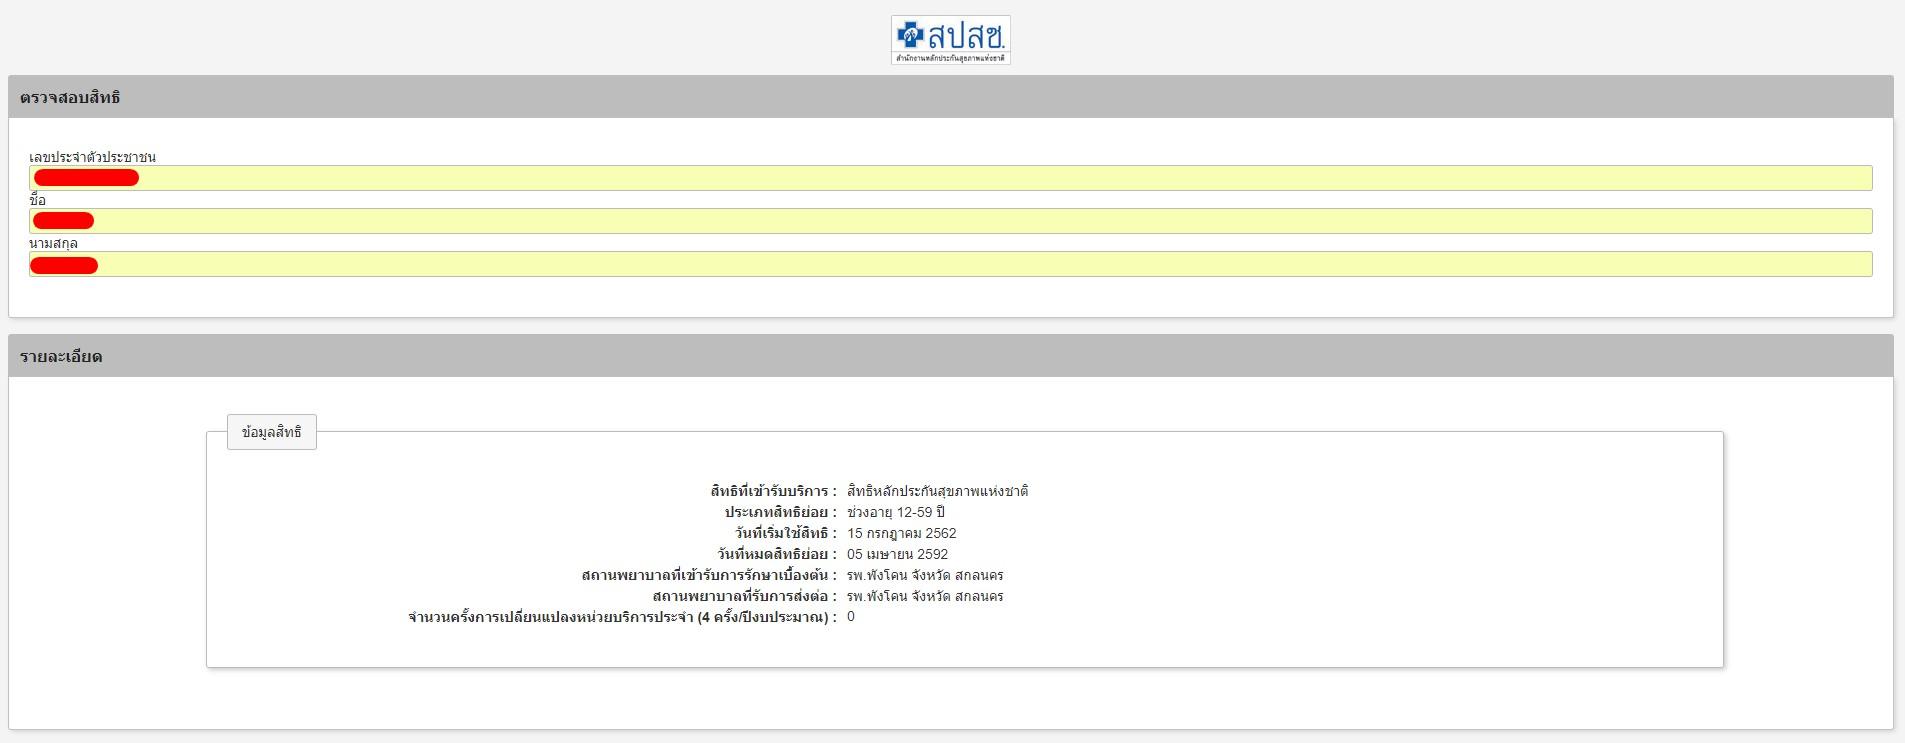 รายละเอียดสิทธิ์การรักษาในเว็บไซต์ สปสช